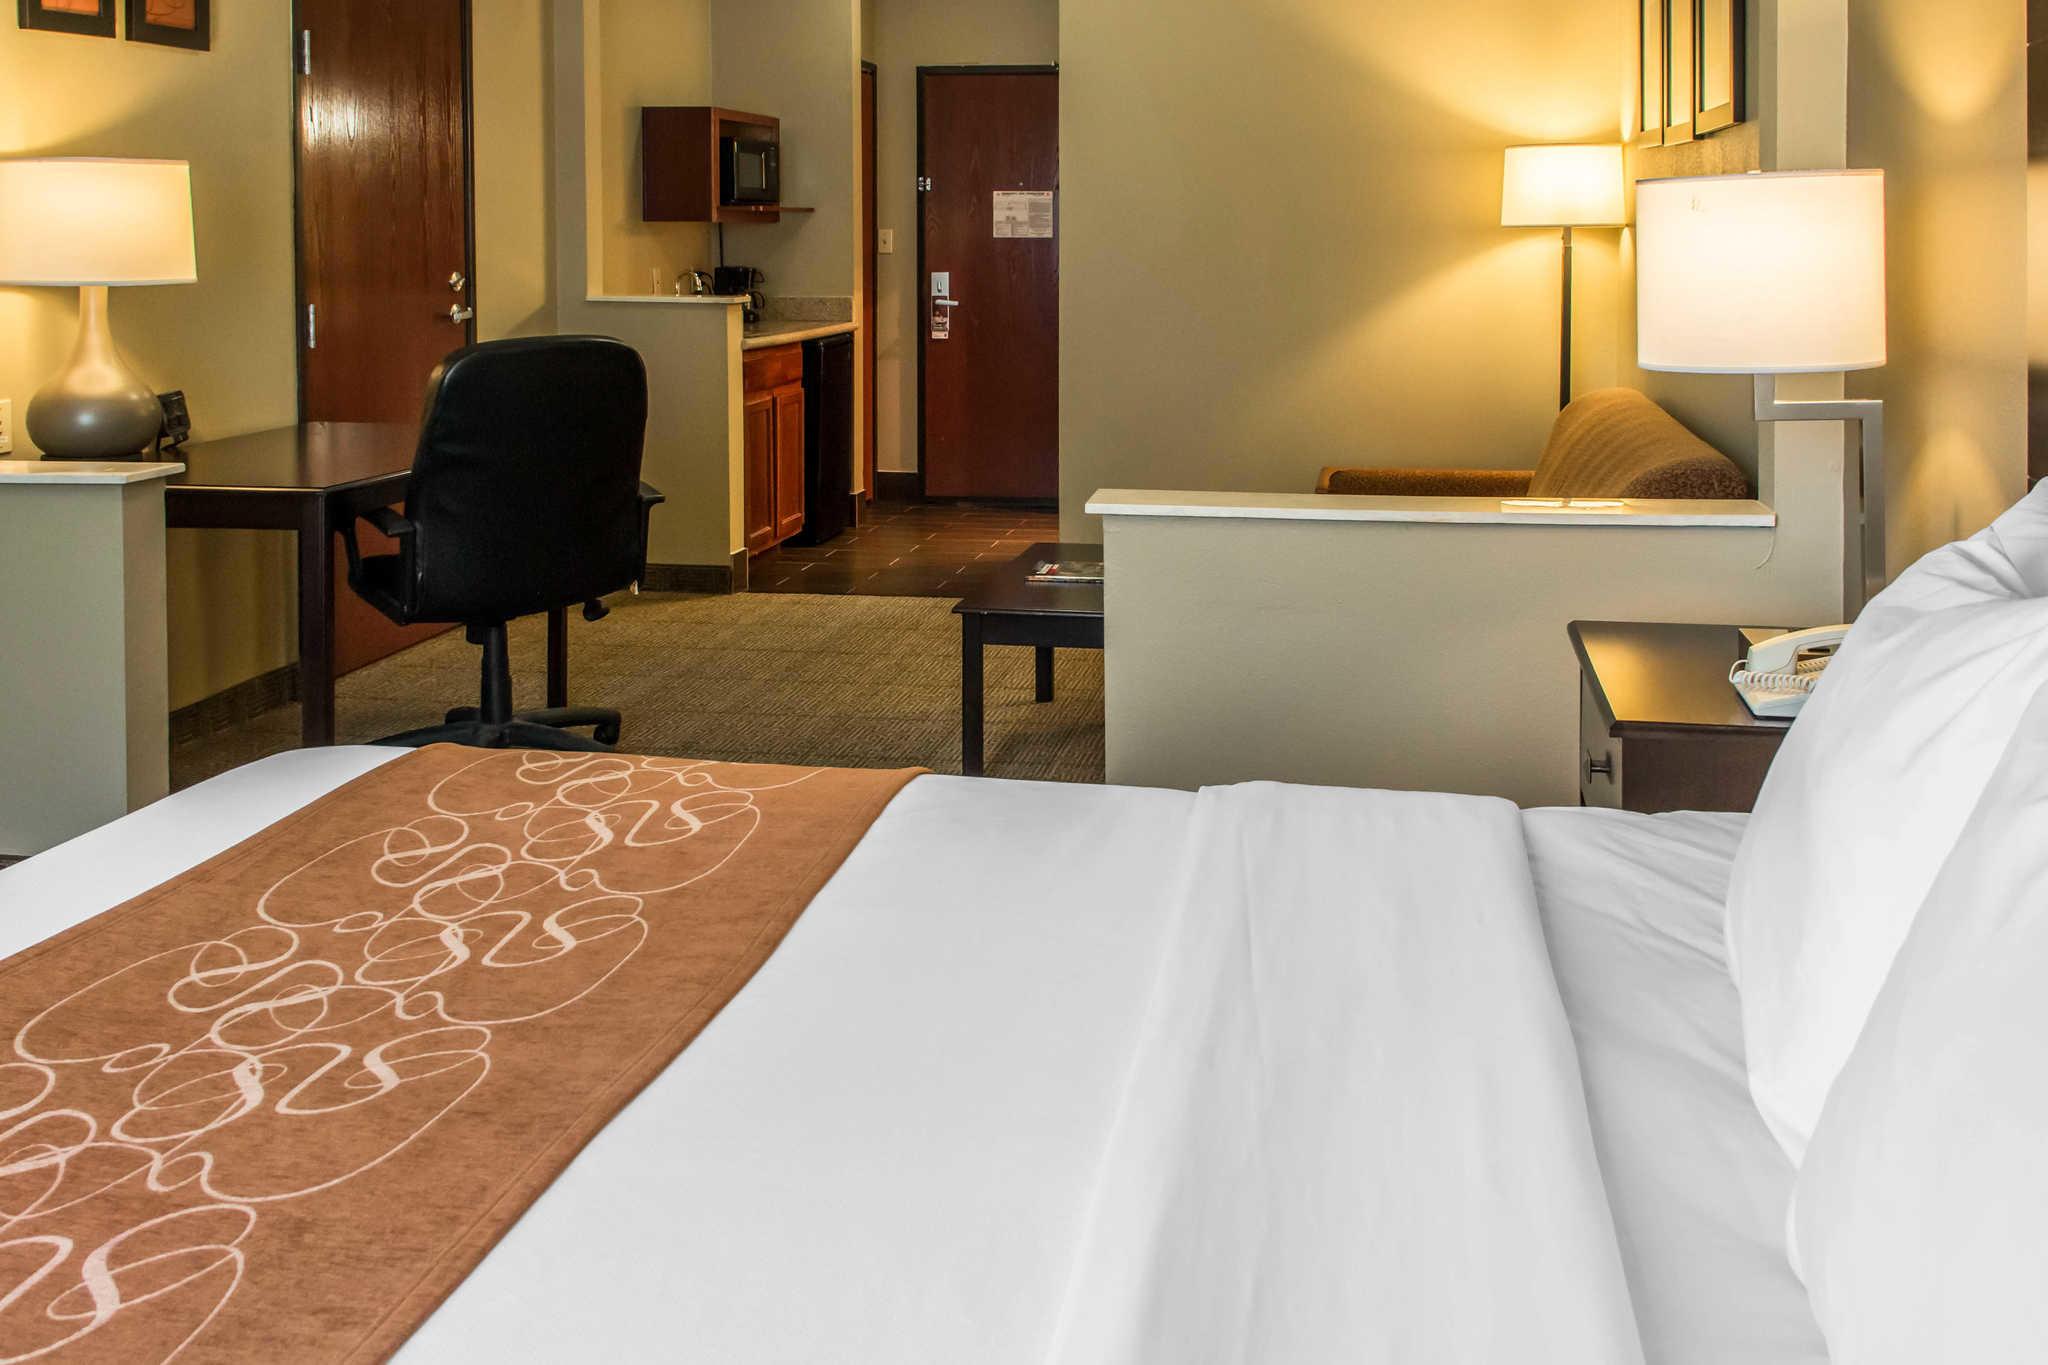 Comfort Suites Round Rock - Austin North I-35 image 23